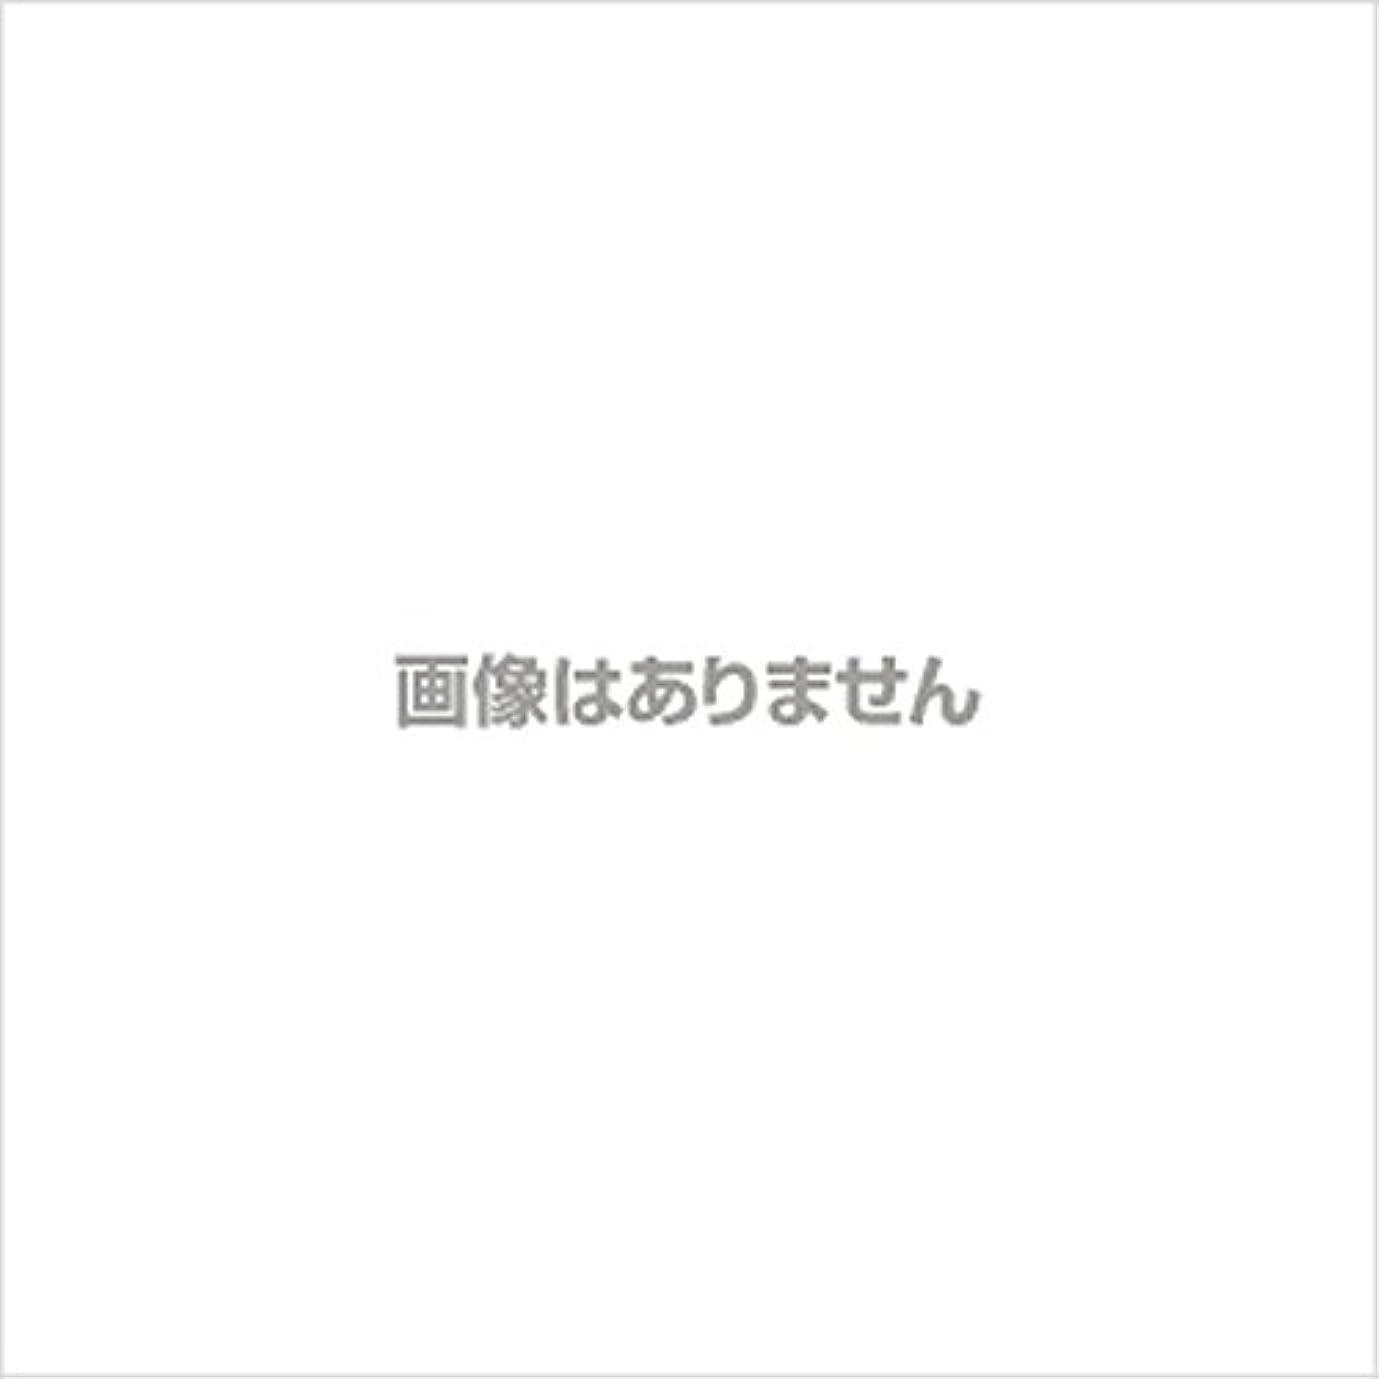 試み感情の市町村【新発売】EBUKEA エブケアNO1002 プラスチックグローブ(粉付)Sサイズ 100枚入(極薄?半透明)